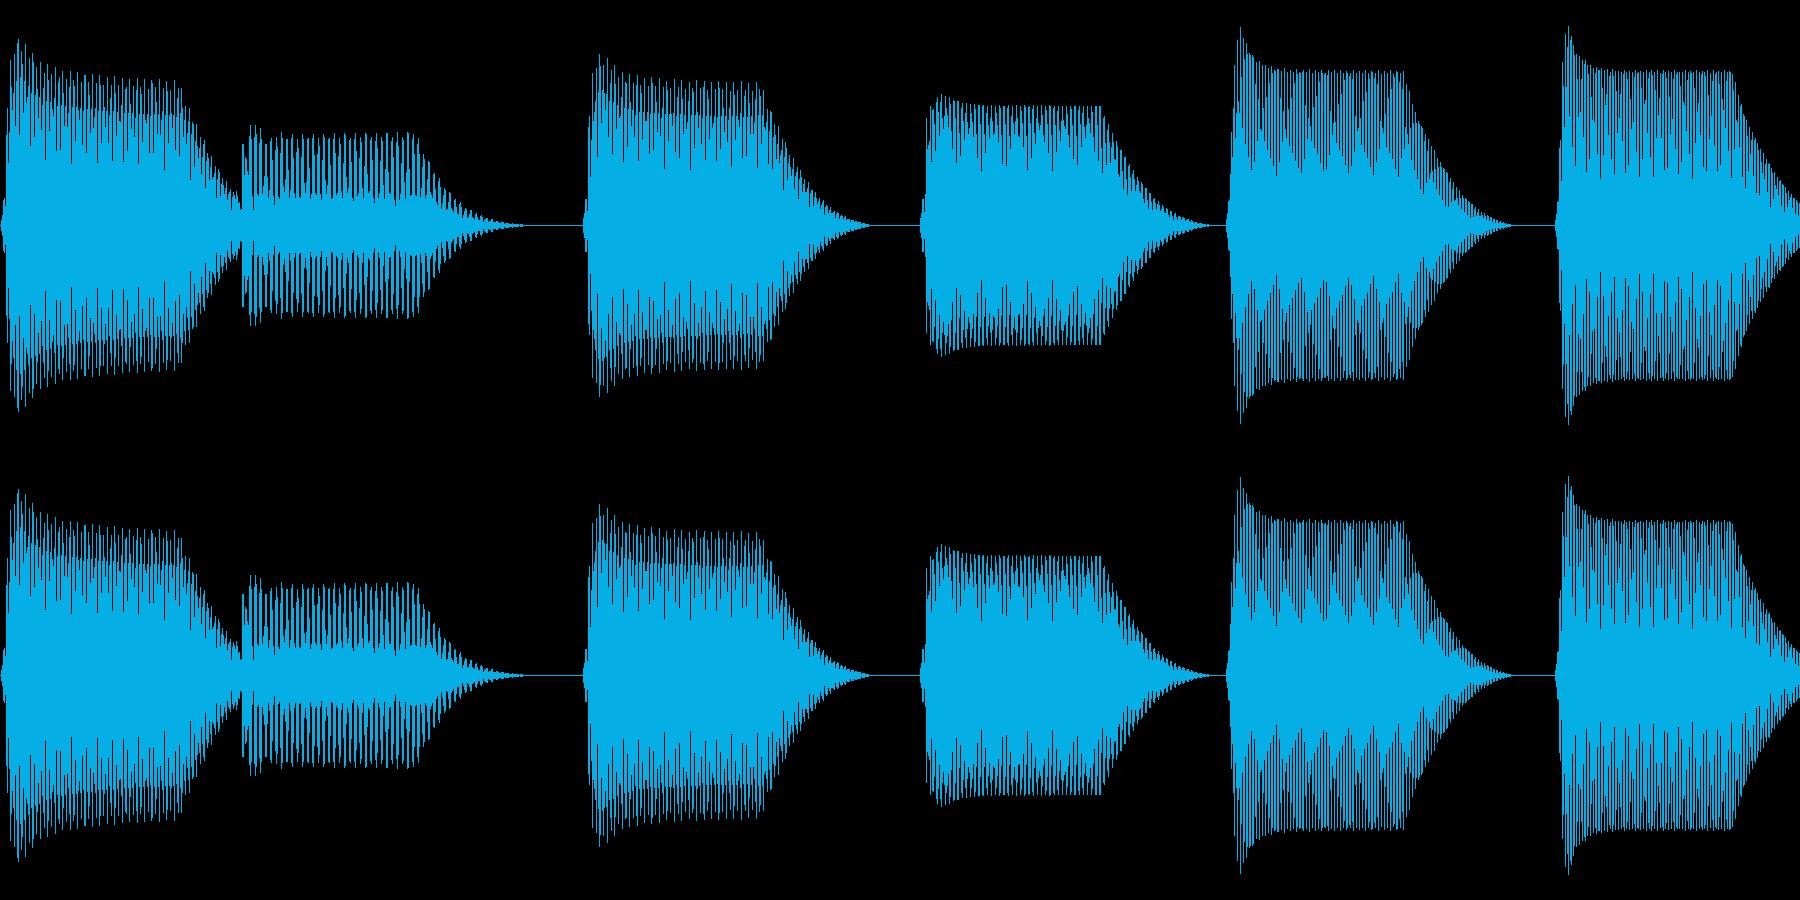 往年のRPG風 コマンド音 シリーズ 6の再生済みの波形